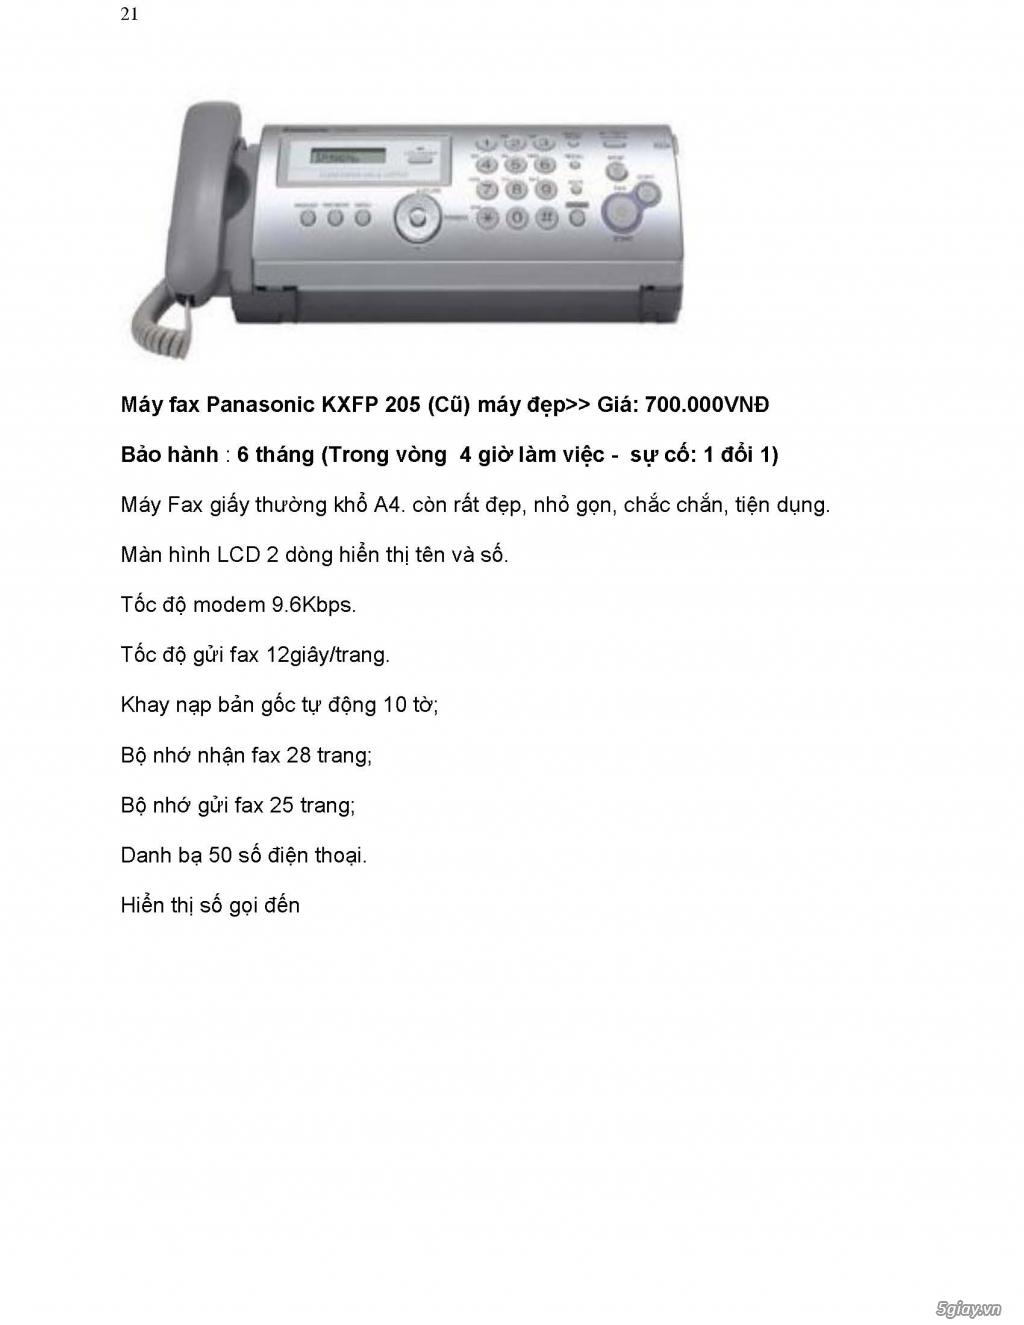 Sửa chữa Bộ Đàm,Máy Fax,Tổng Đài - 32